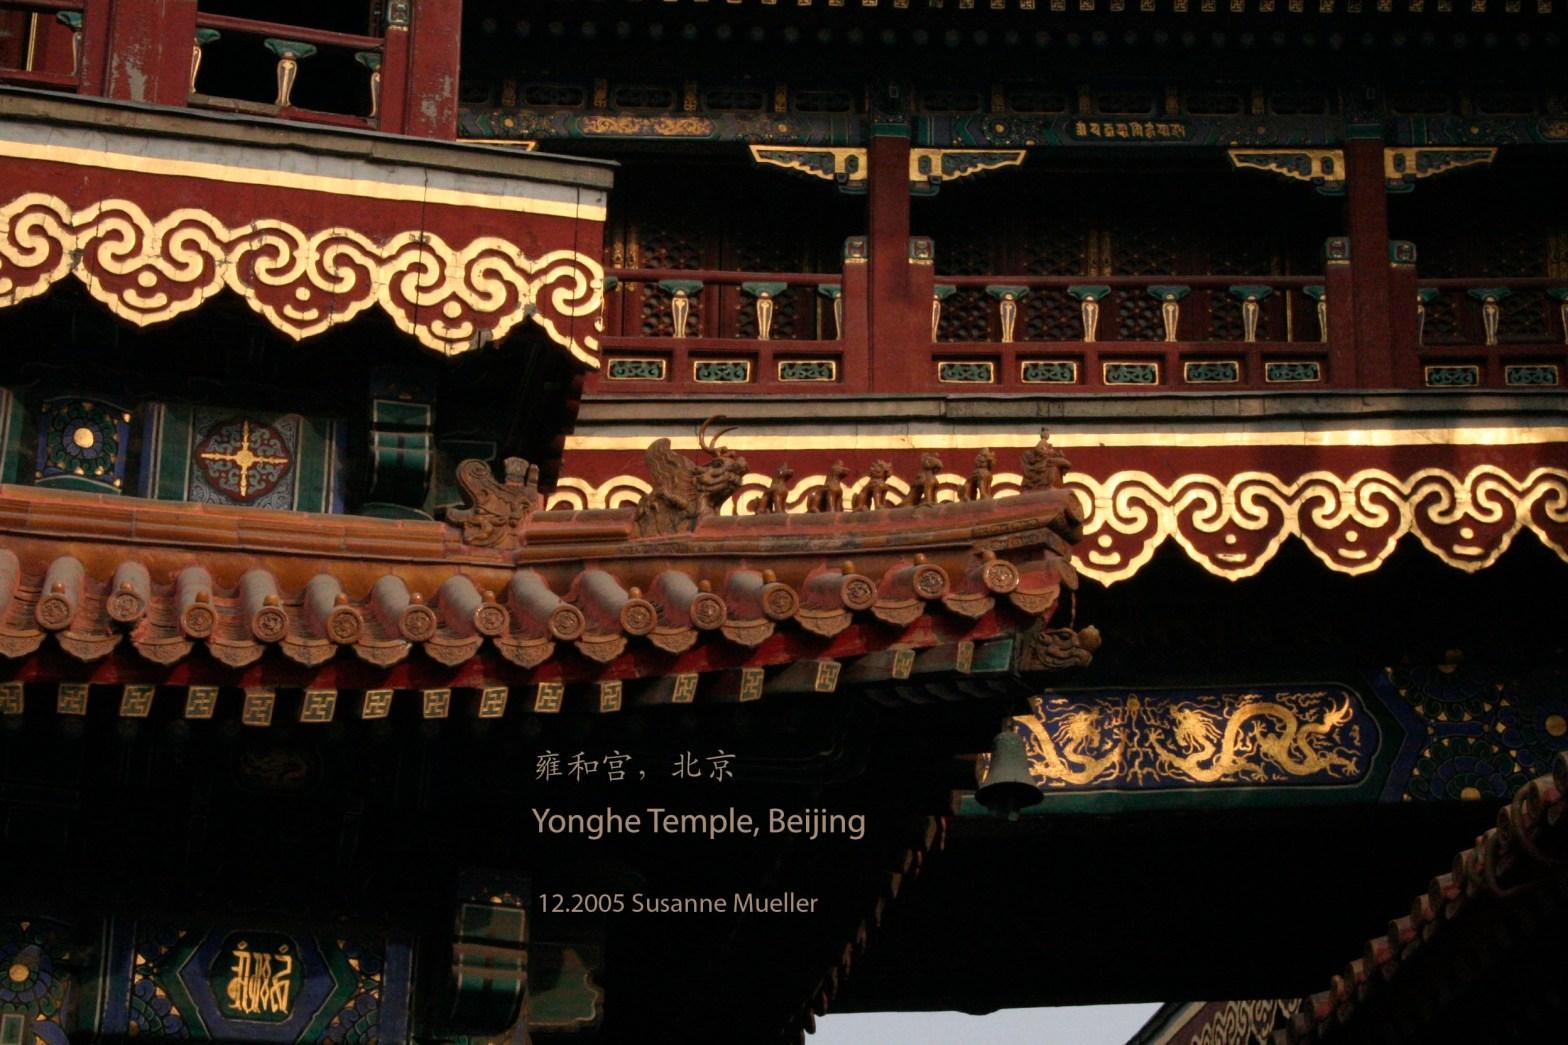 yonghegong2.jpg